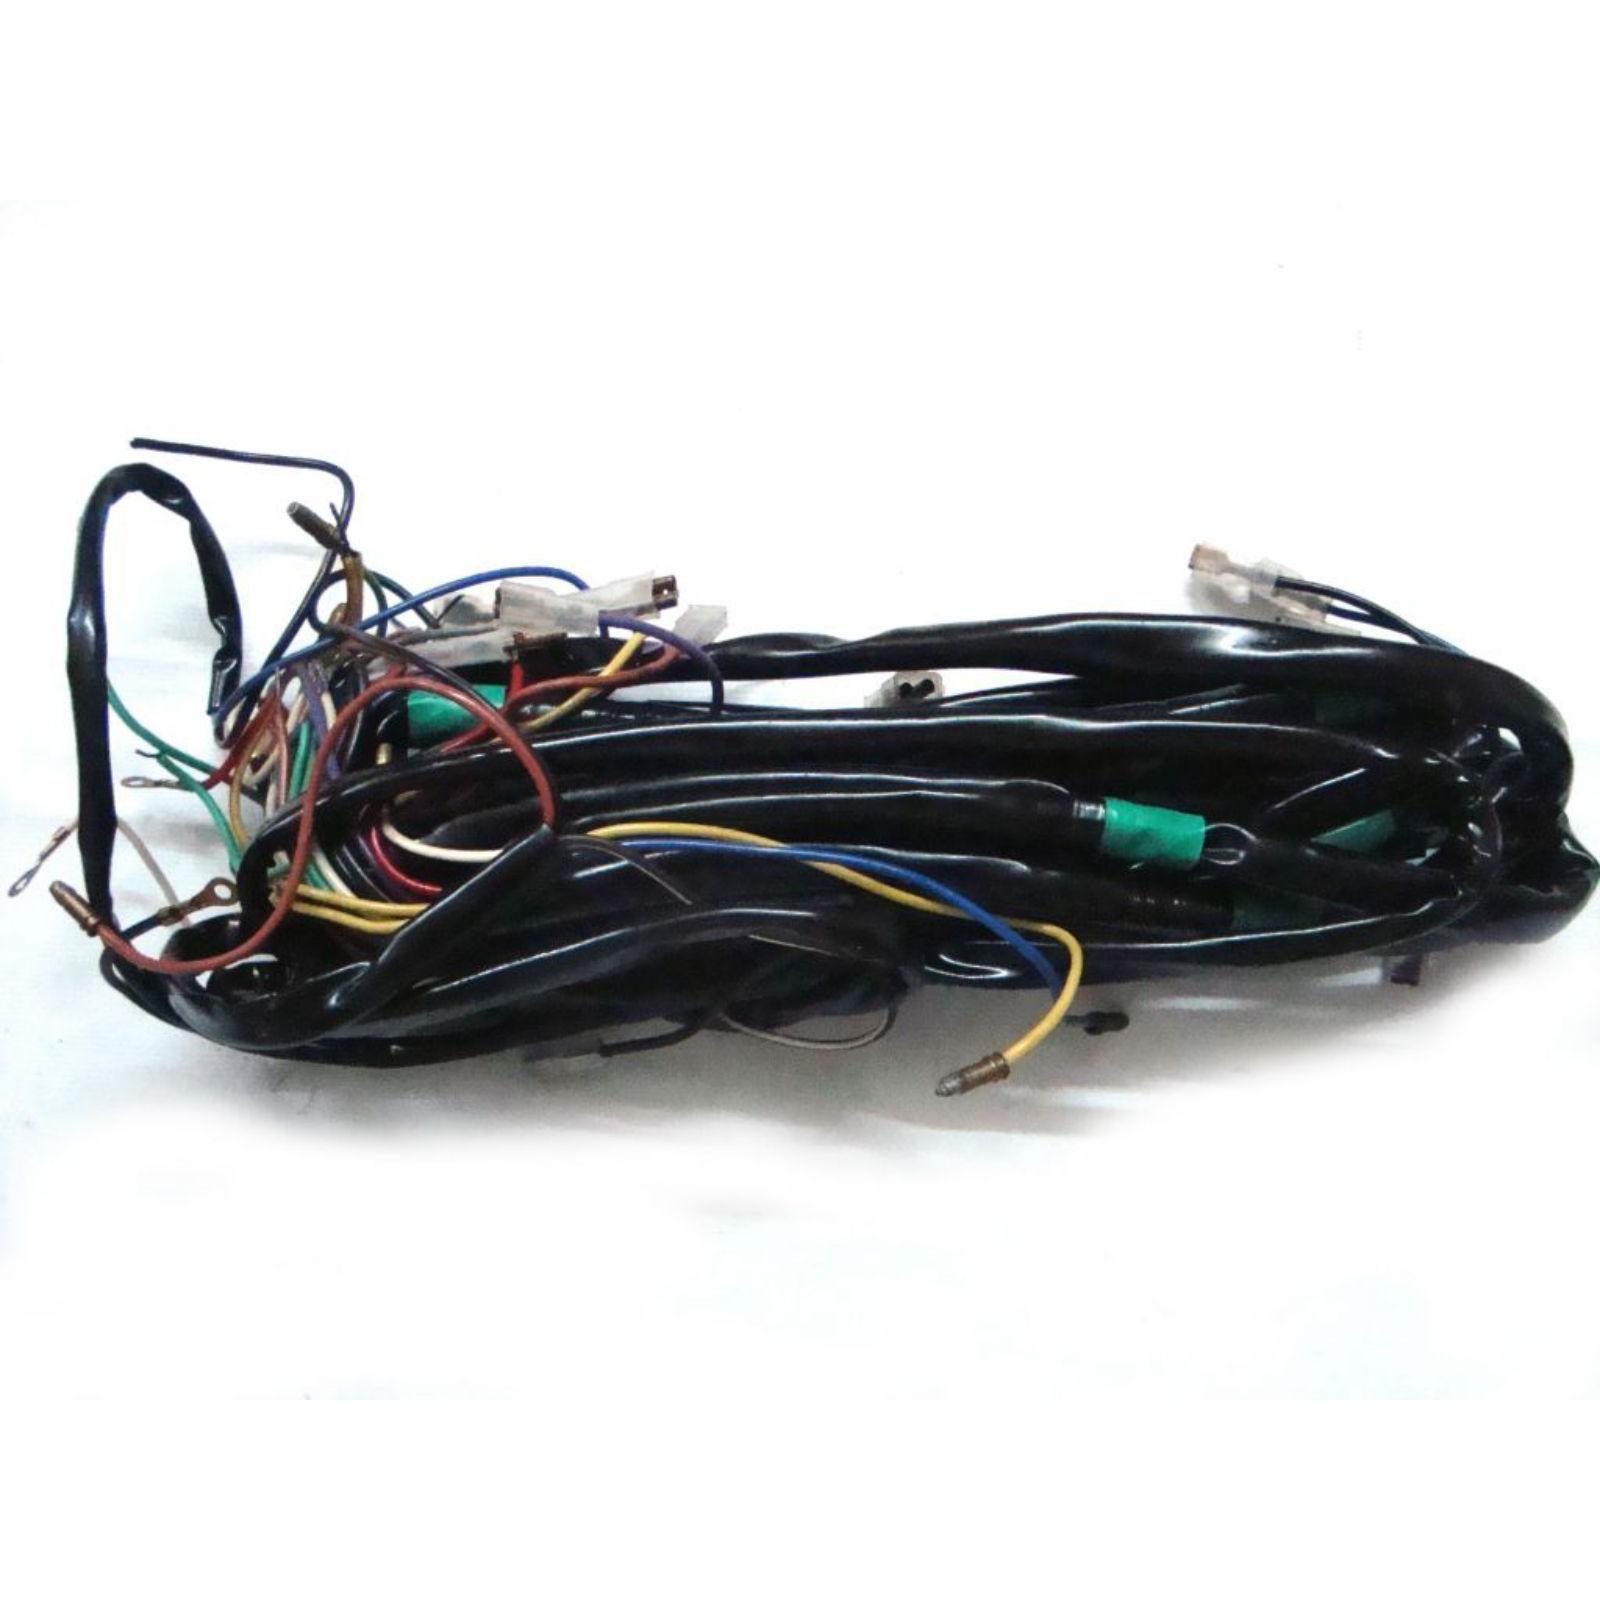 6 Volt Indicator/Blinker Wiring Fits Vintage,Vespa Scooter Harness Models